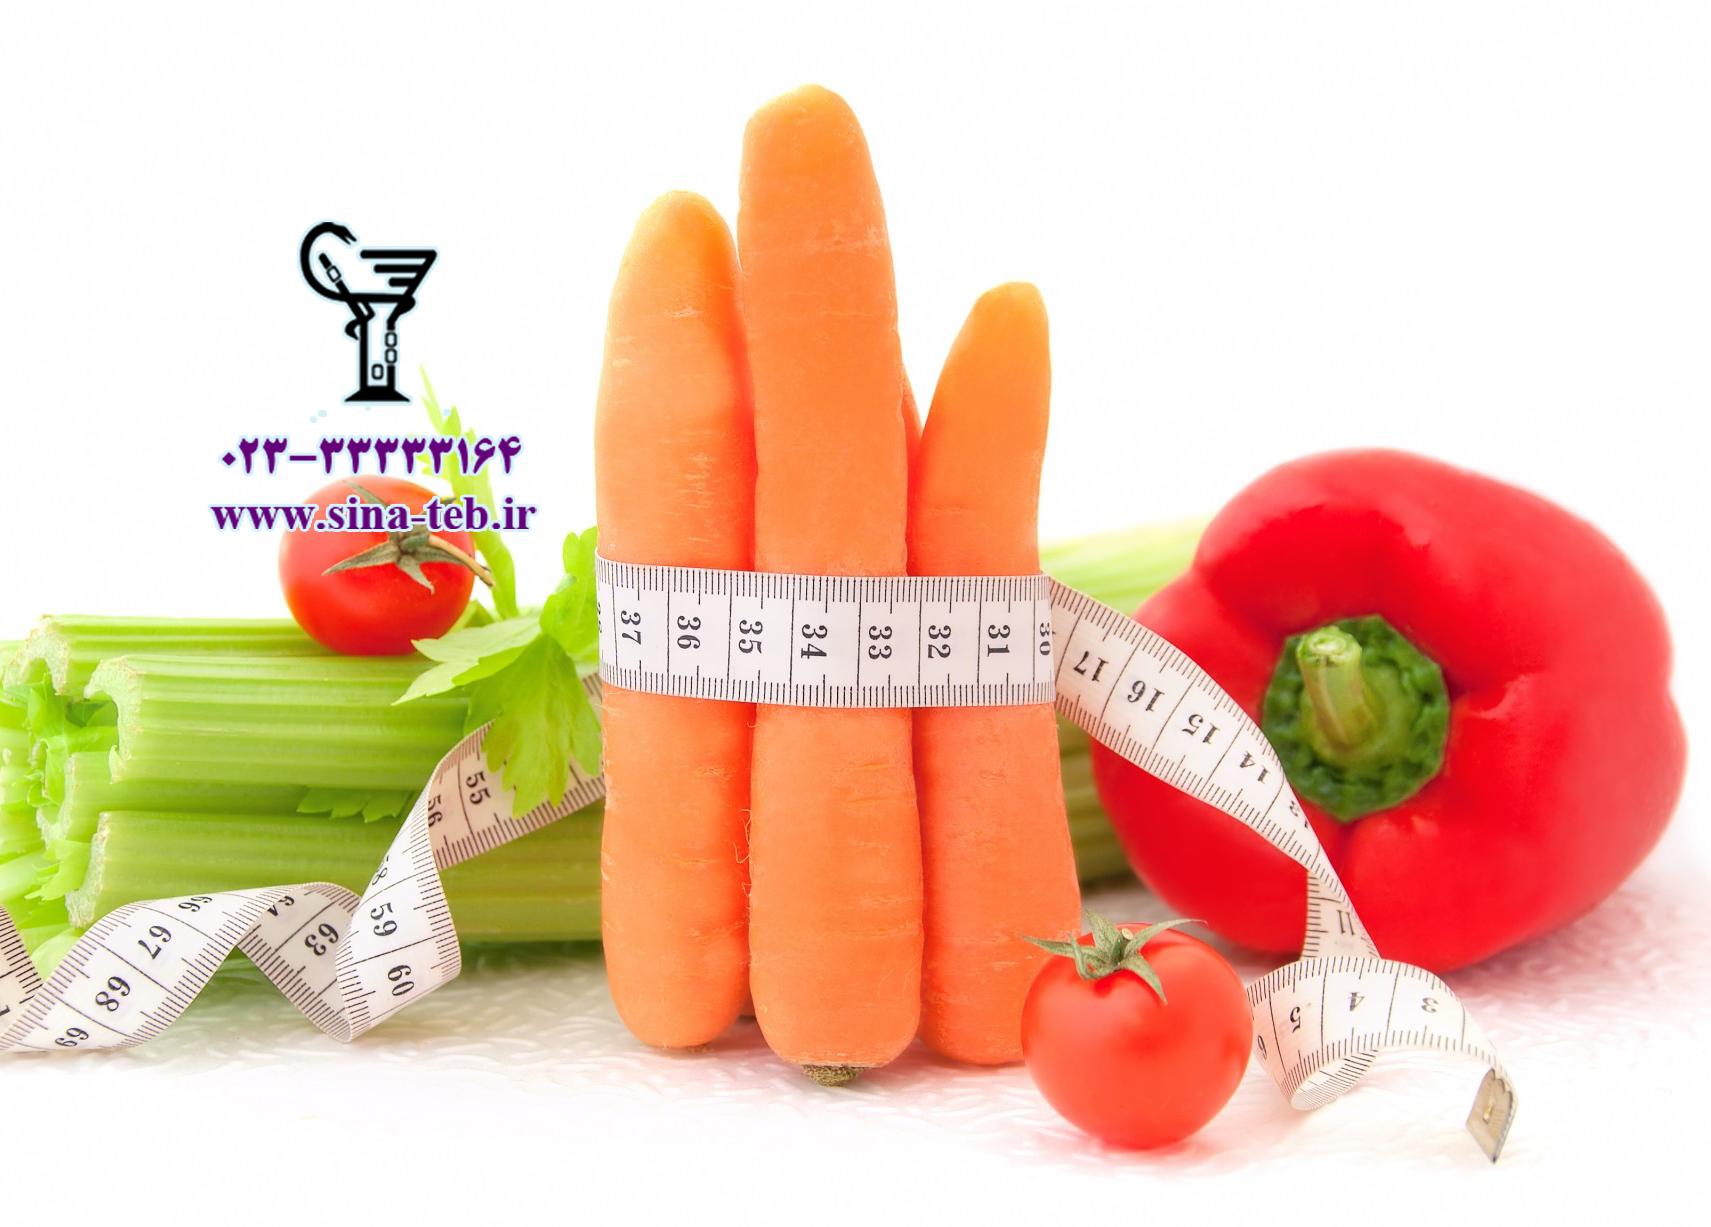 درمان چاقی و نسخه اى مجرب برای لاغر شدن